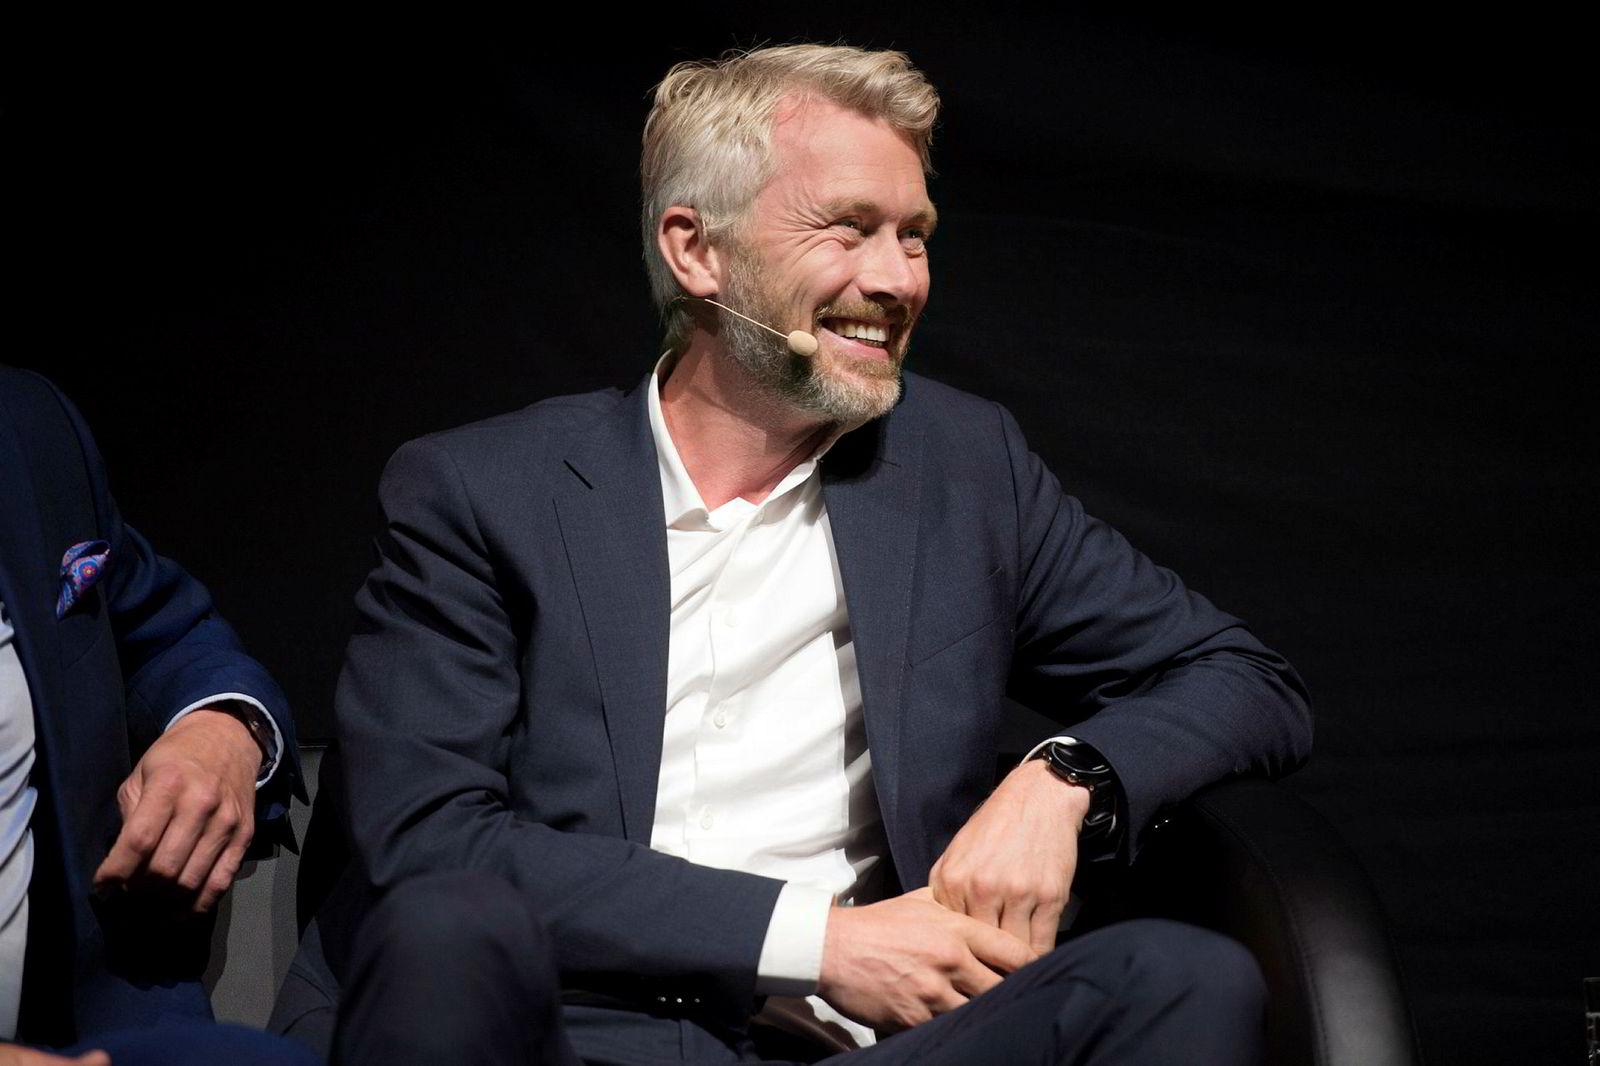 Administrerende direktør Olav Sandnes i TV 2 kan glede seg over mer engelsk fotball.